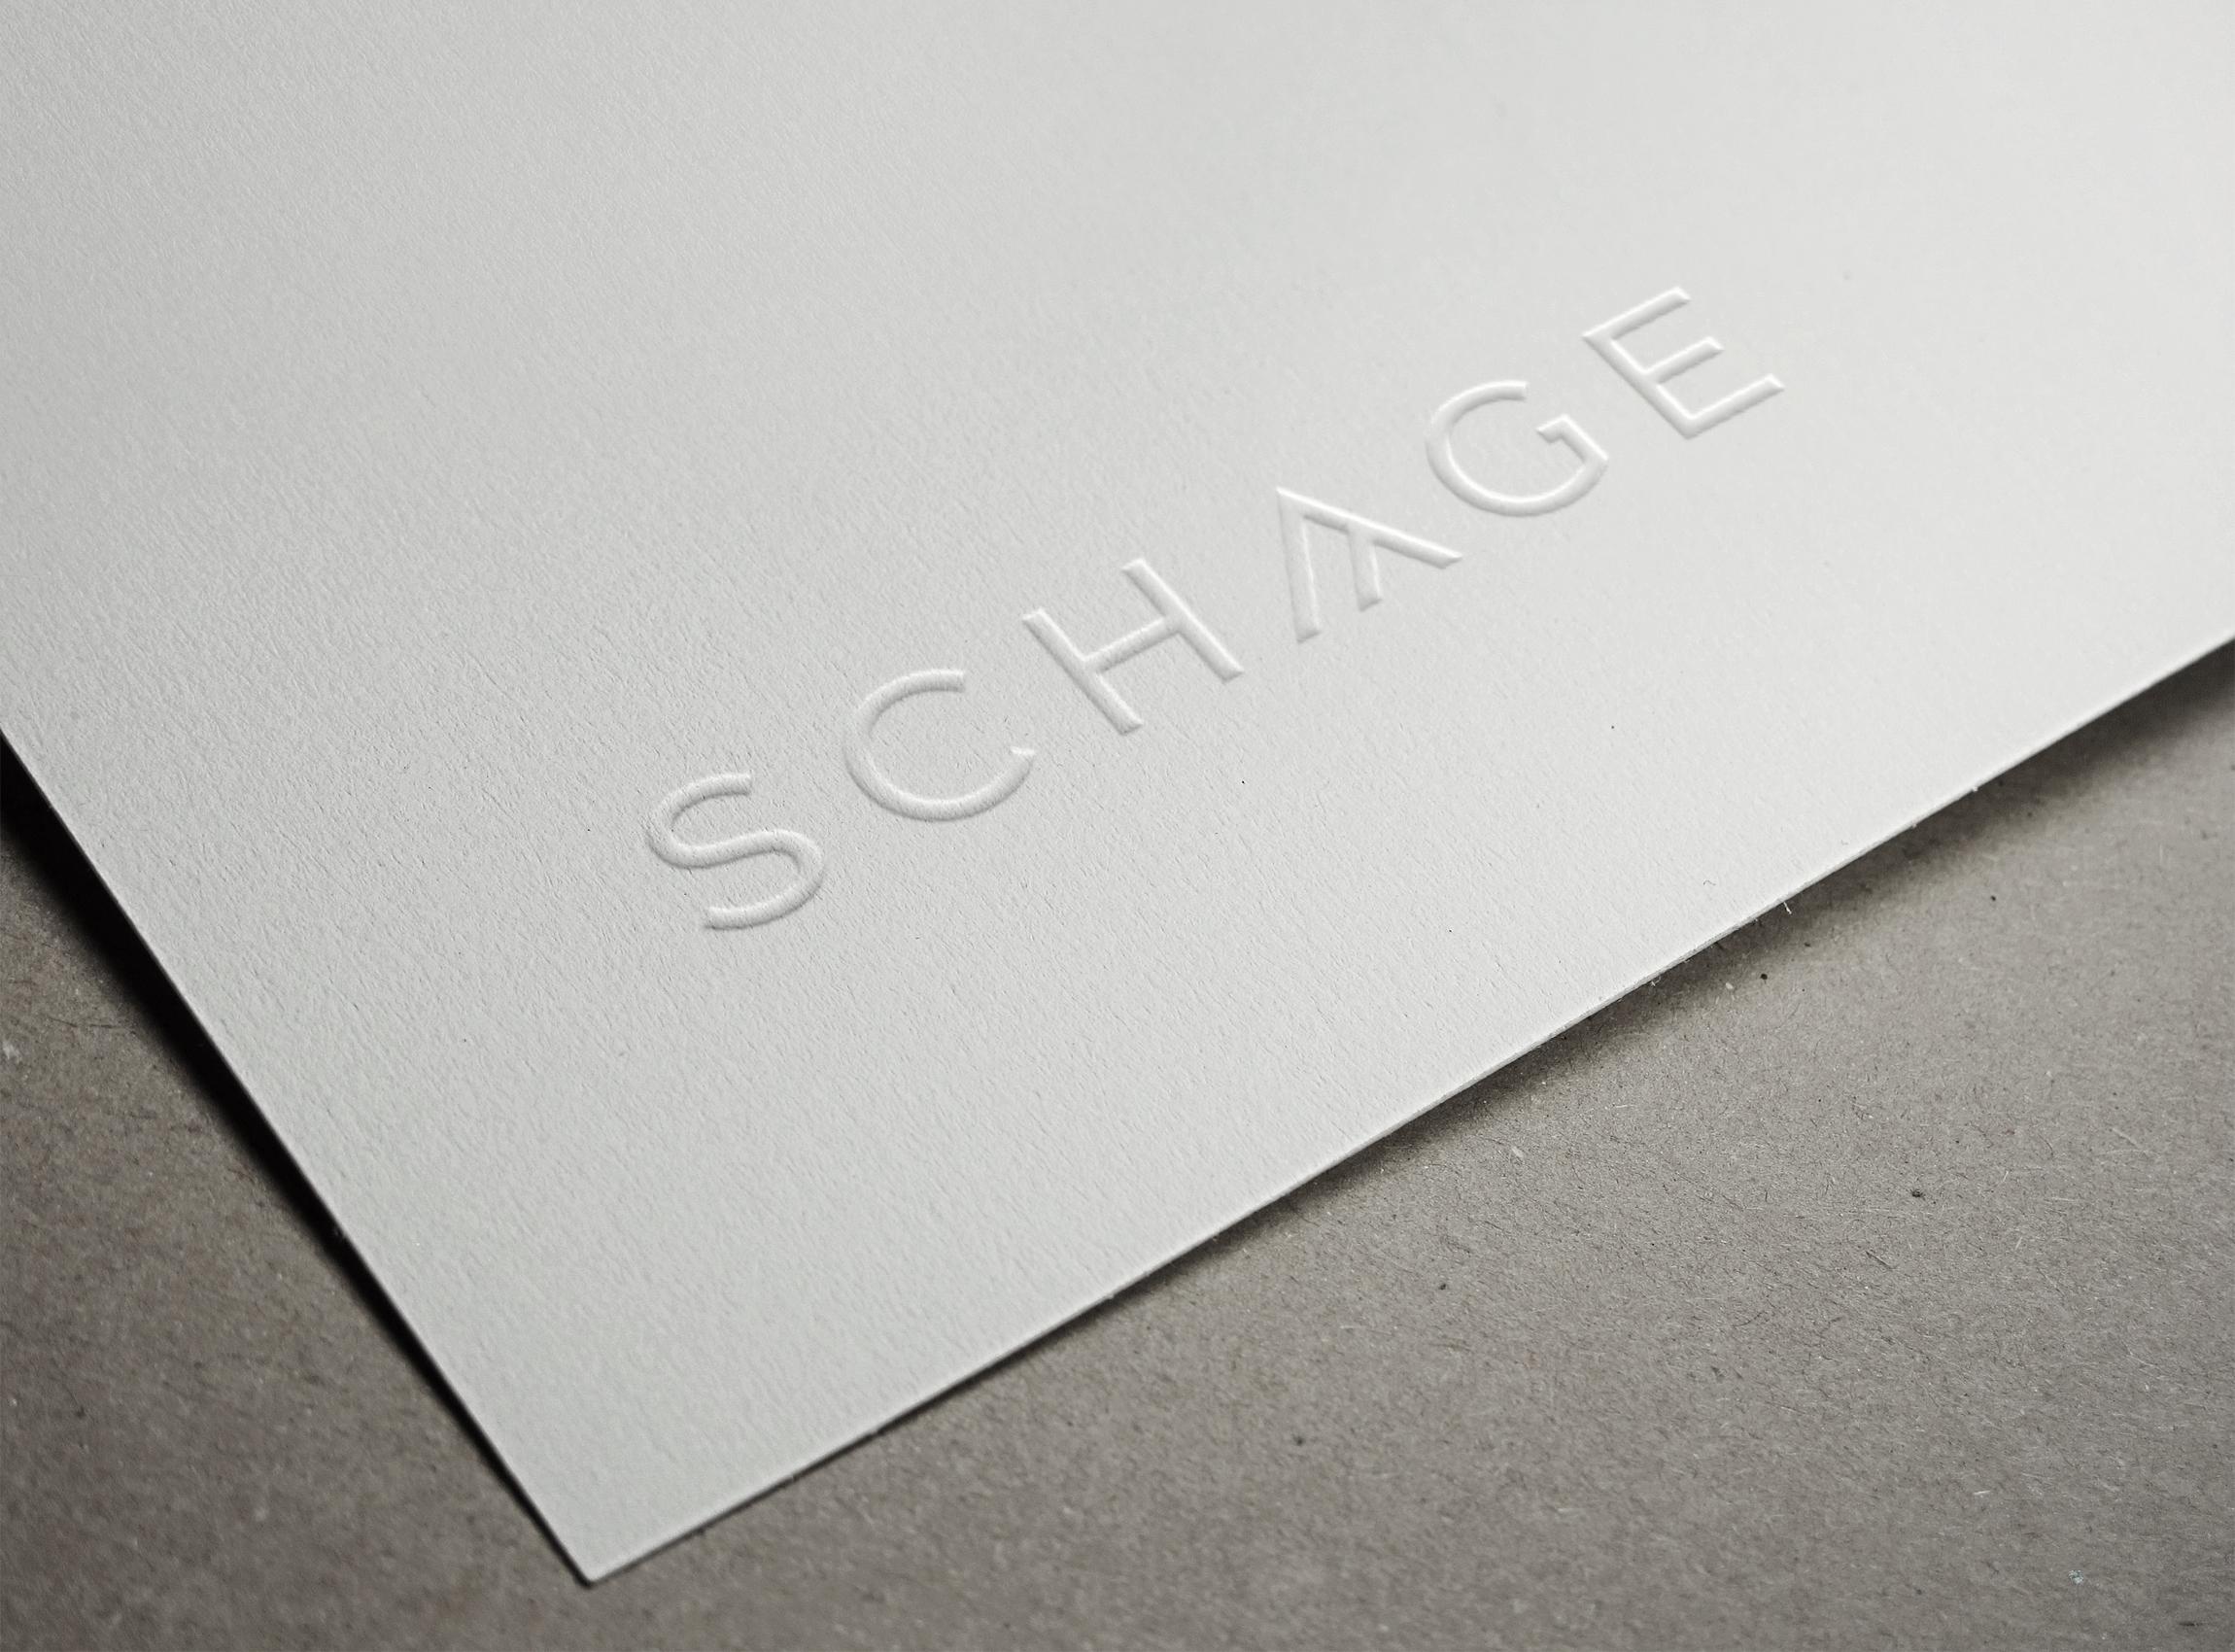 embossedpaper-logo-mockup